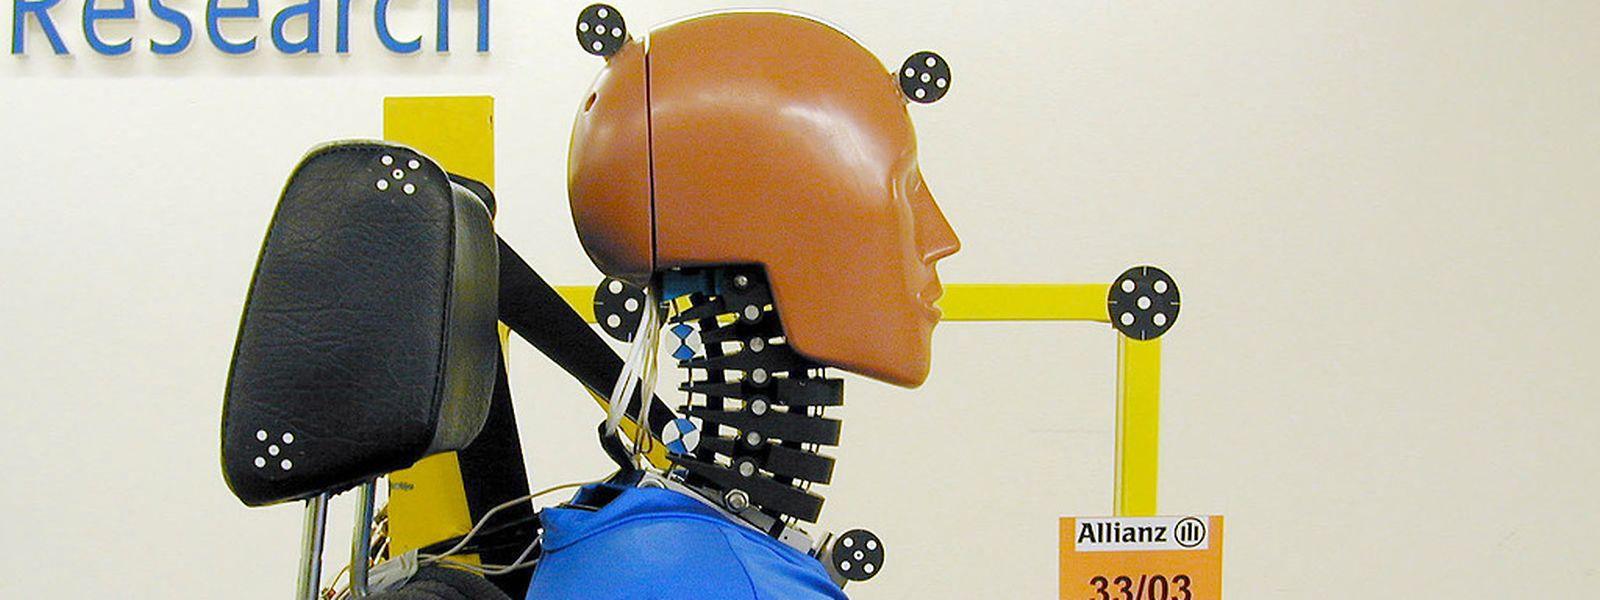 Puppe, fest im Sitz: Unfall-Simulationen mit Crashtest-Dummys sind Voraussetzung dafür, dass Autohersteller für einzelne Modelle die Typenzulassung erhalten.